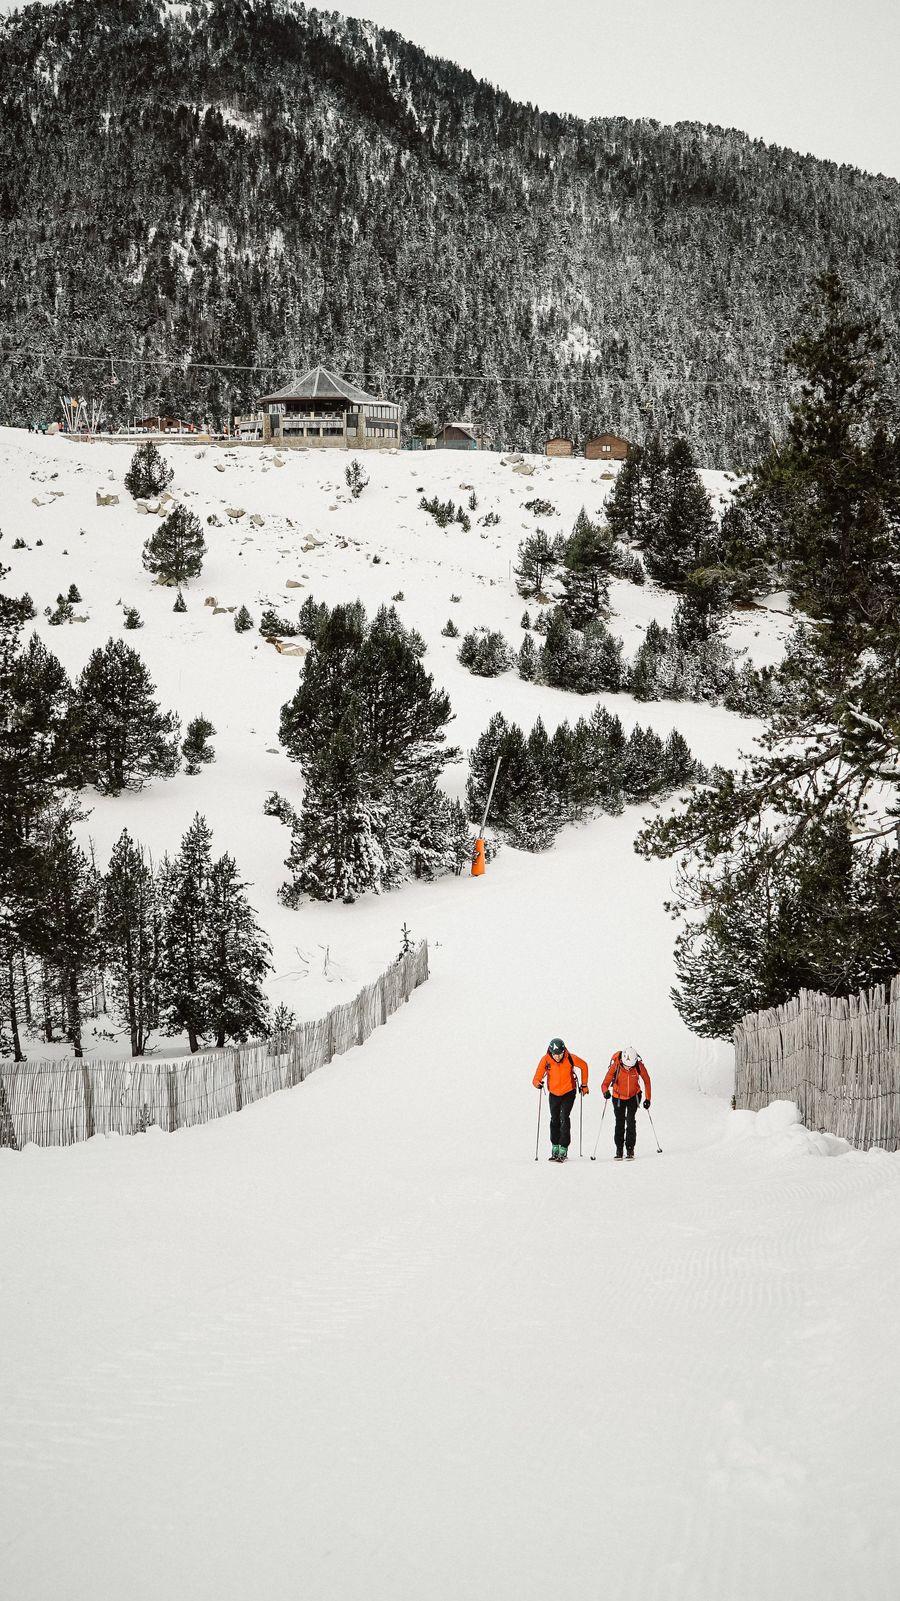 esqui montaña en La Molina